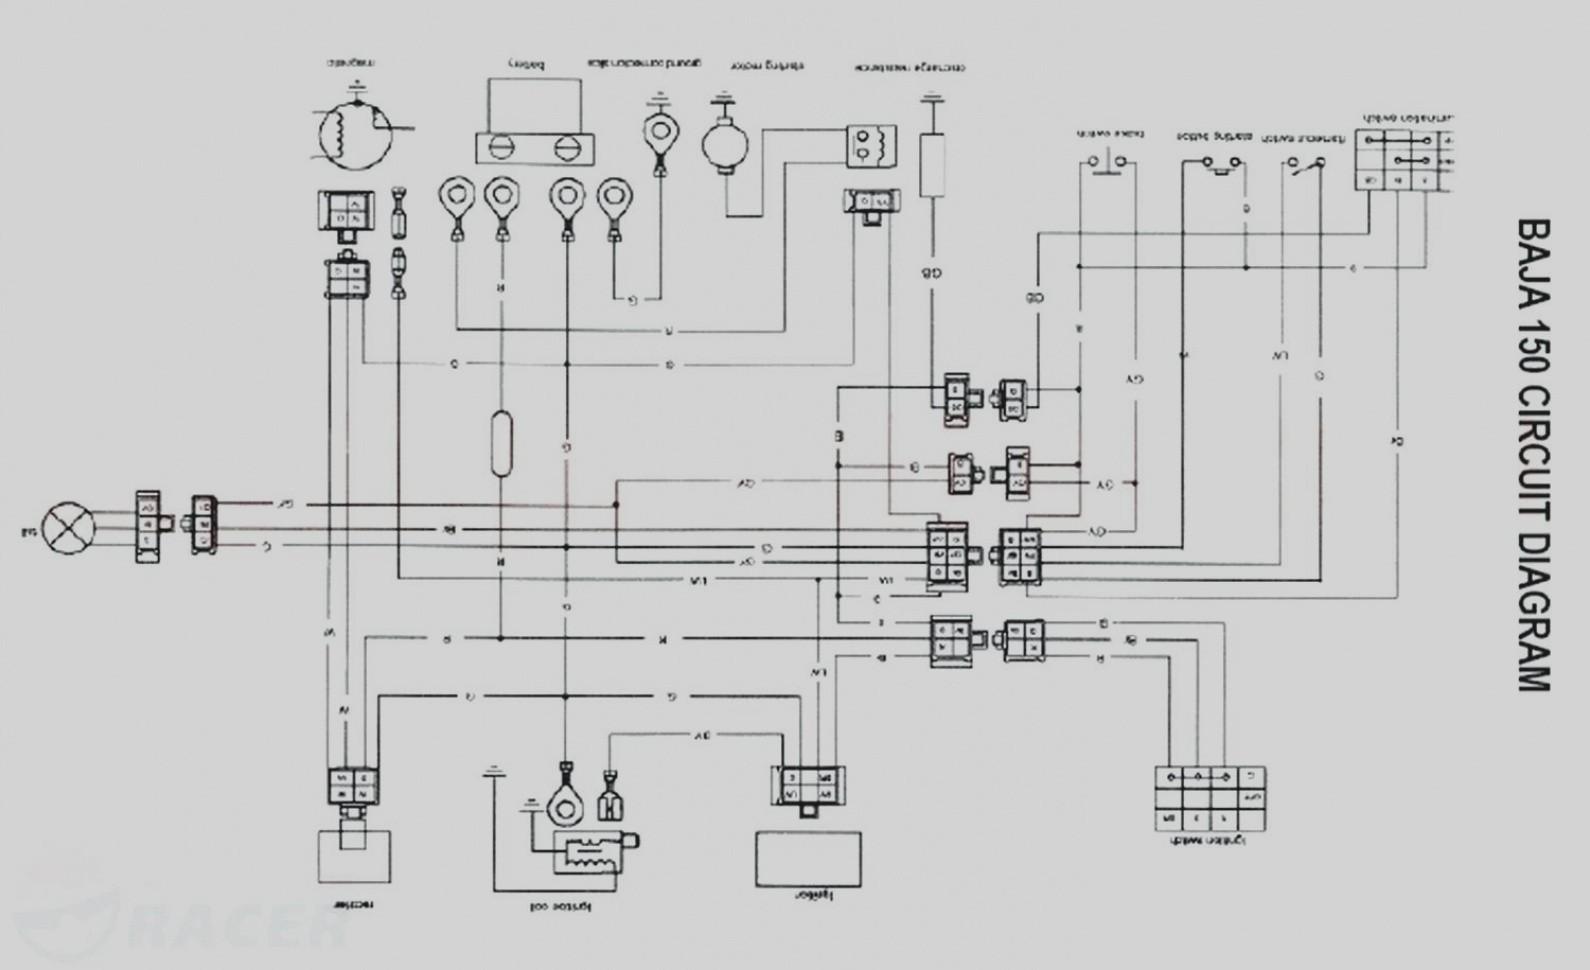 [DIAGRAM] Wiring Diagrams Atv Baja 250 2005 FULL Version